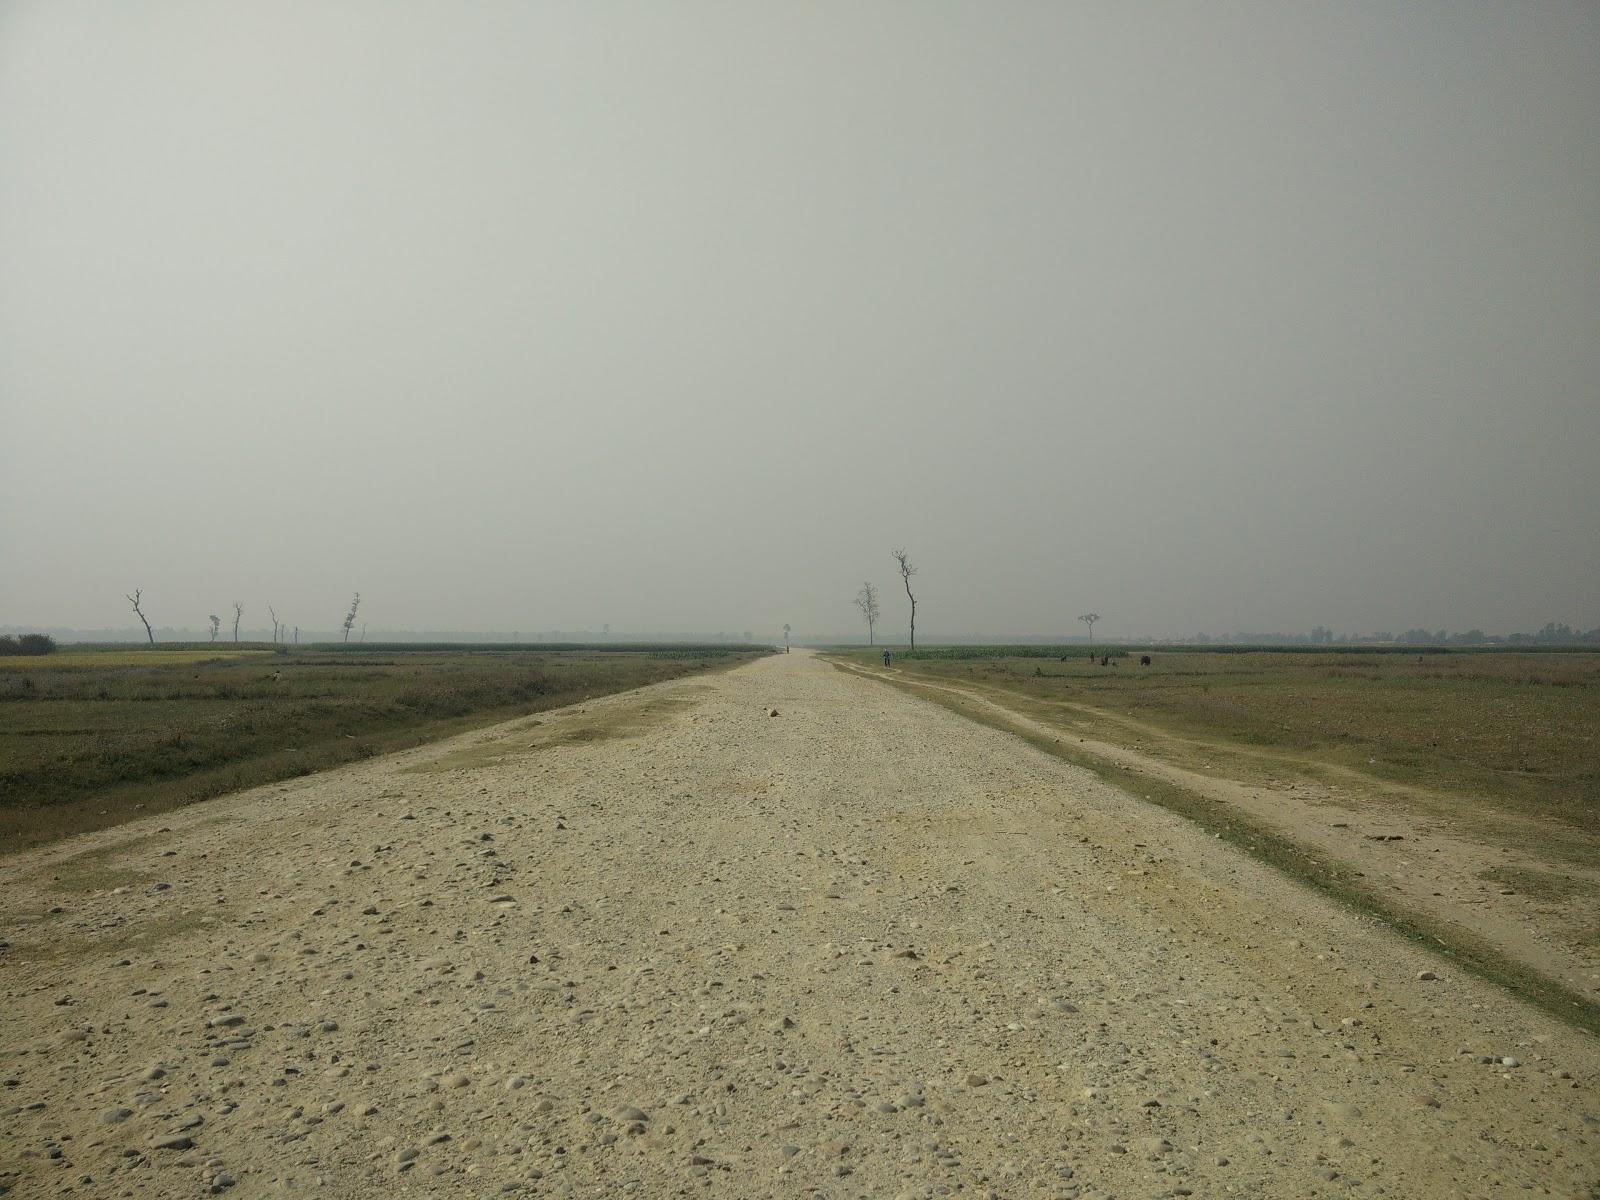 Nayaroad to Barahathawa